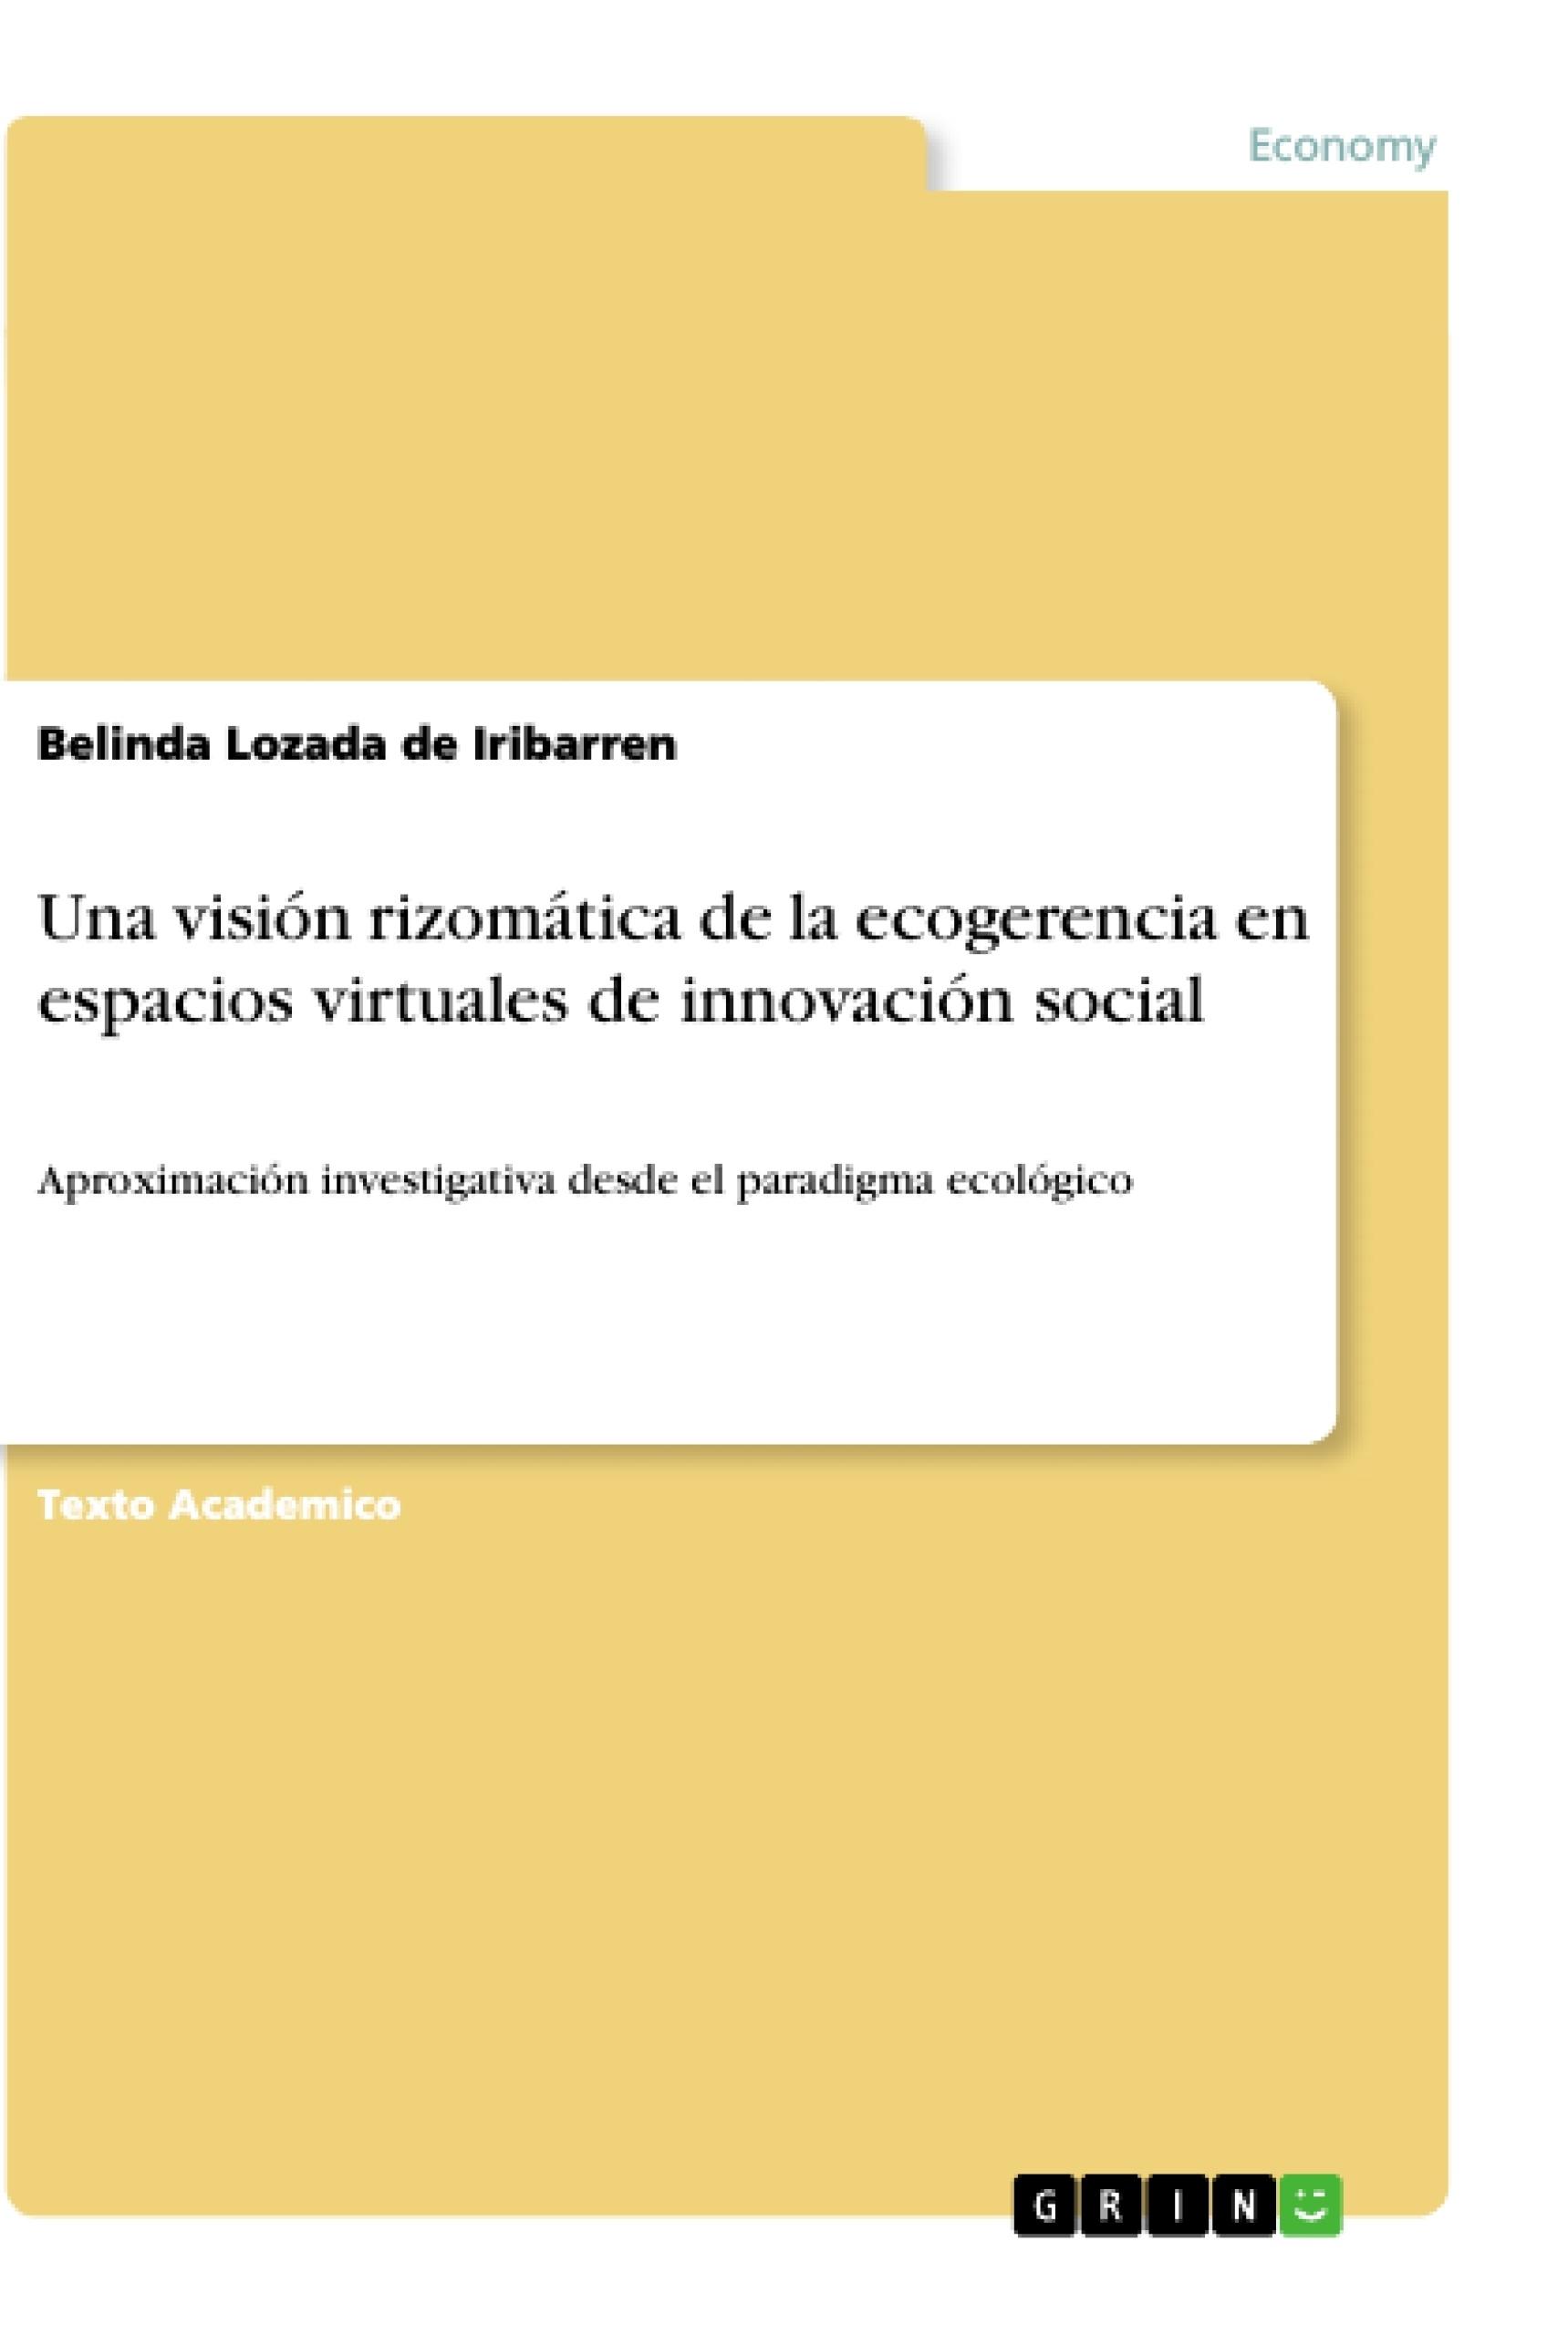 Título: Una visión rizomática de la ecogerencia en espacios virtuales de innovación social